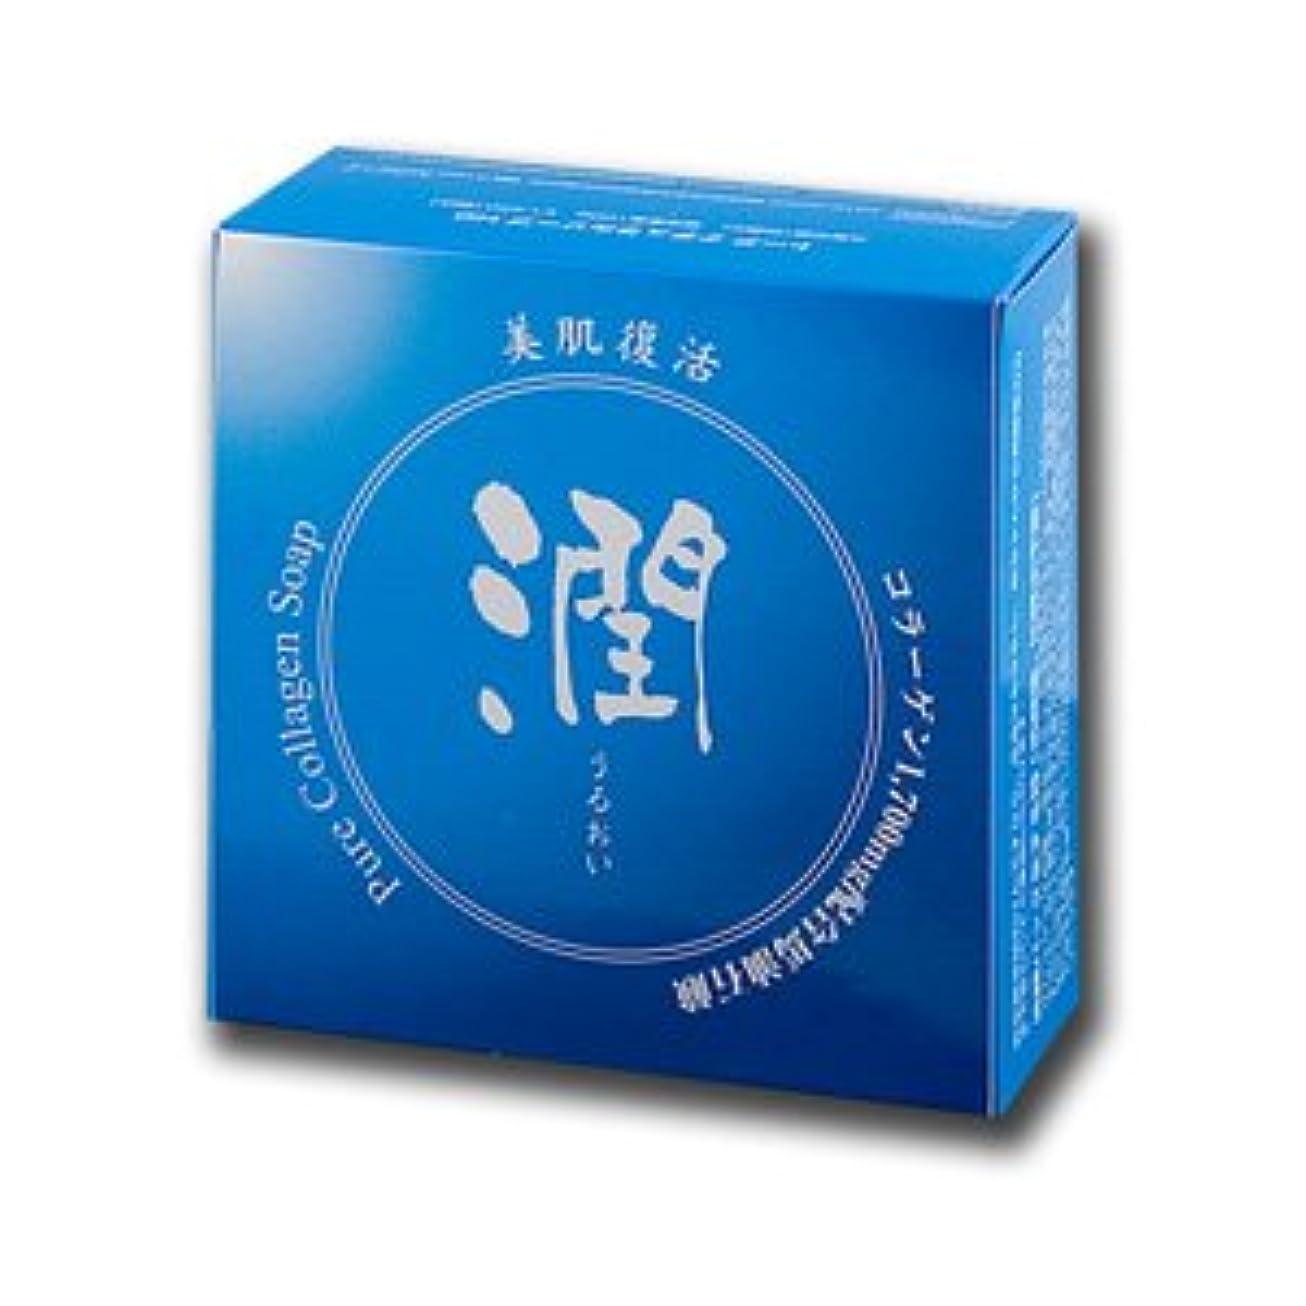 ヘッドレス出血見るコラーゲン馬油石鹸 潤 100g (#800410) ×5個セット